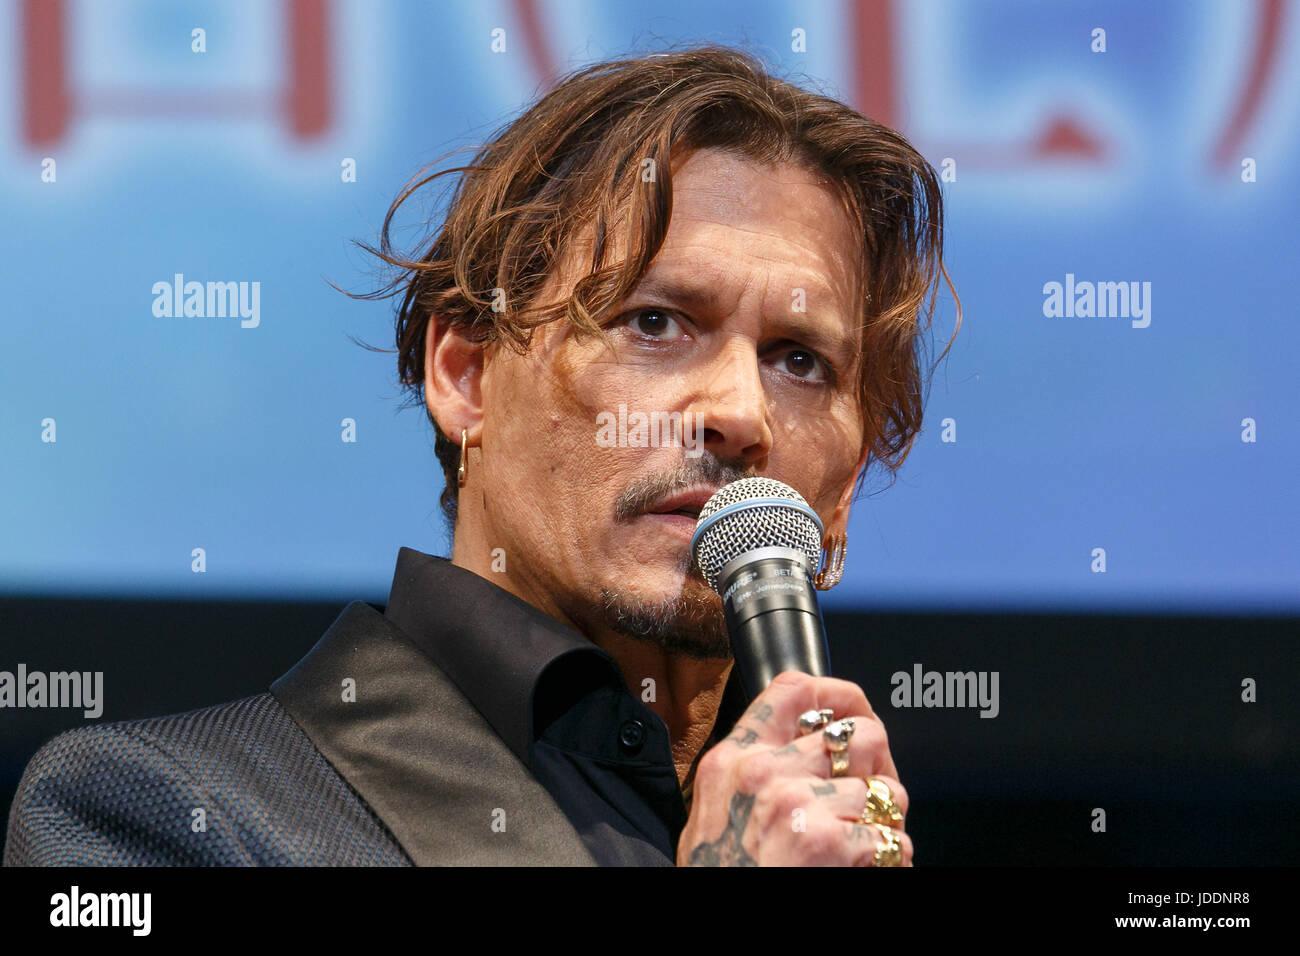 Tokio, Japón. 20 de junio de 2017. El actor norteamericano Johnny Depp, habla durante el estreno de la película Imagen De Stock